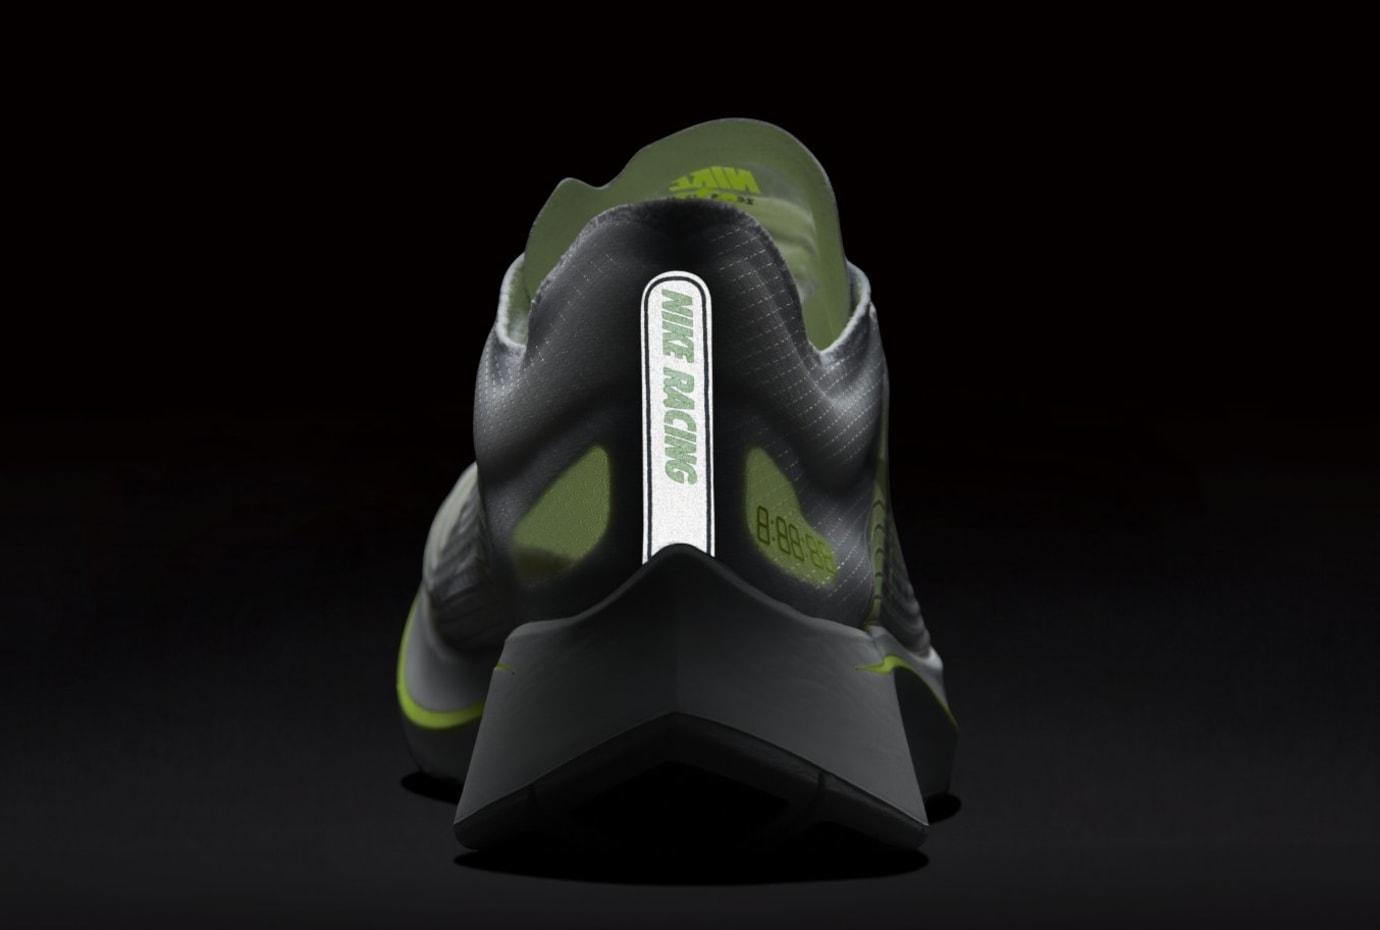 Nike Zoom Fly SP 'White/Volt/Glow' AJ9282-107 (Reflective)